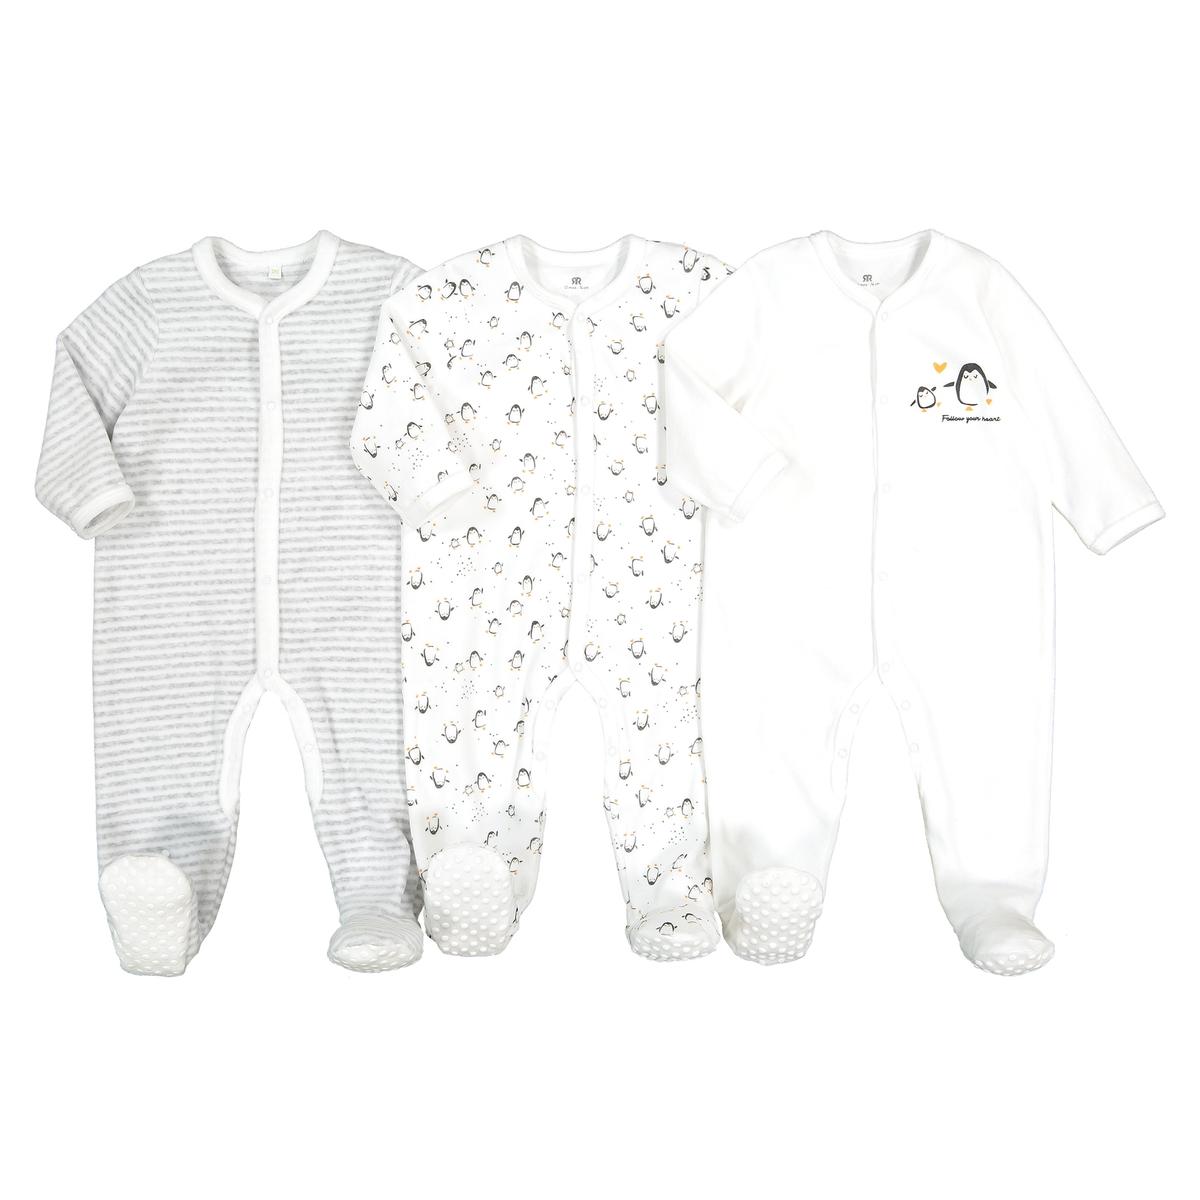 где купить Пижамы La Redoute Из велюра рожденные раньше срока - 45 см белый дешево